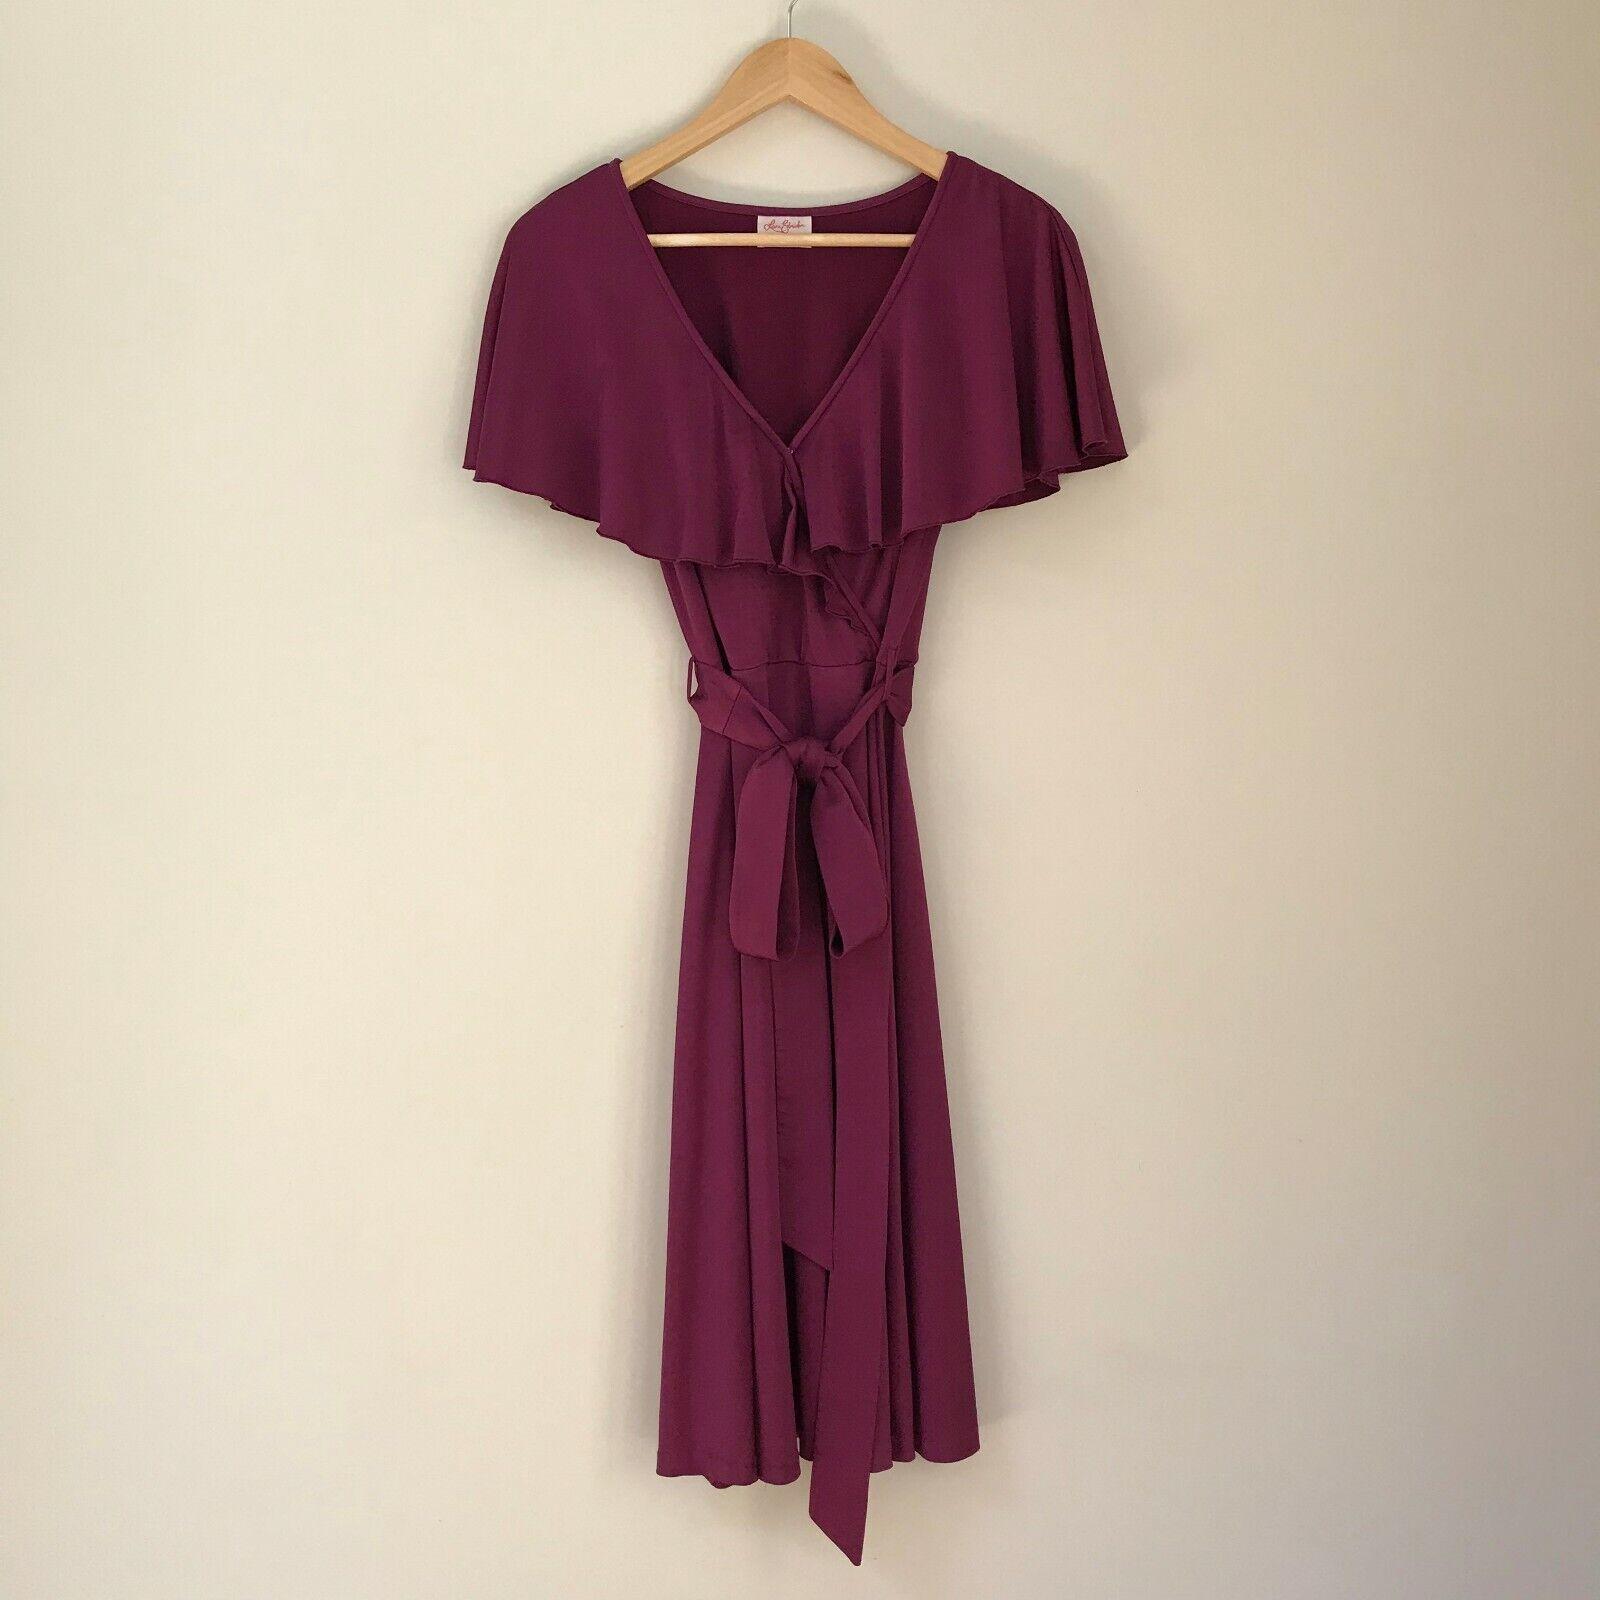 Leona Edmiston Frocks lila Tie Waist Dress With Cascading Ruffles, AU Größe 10